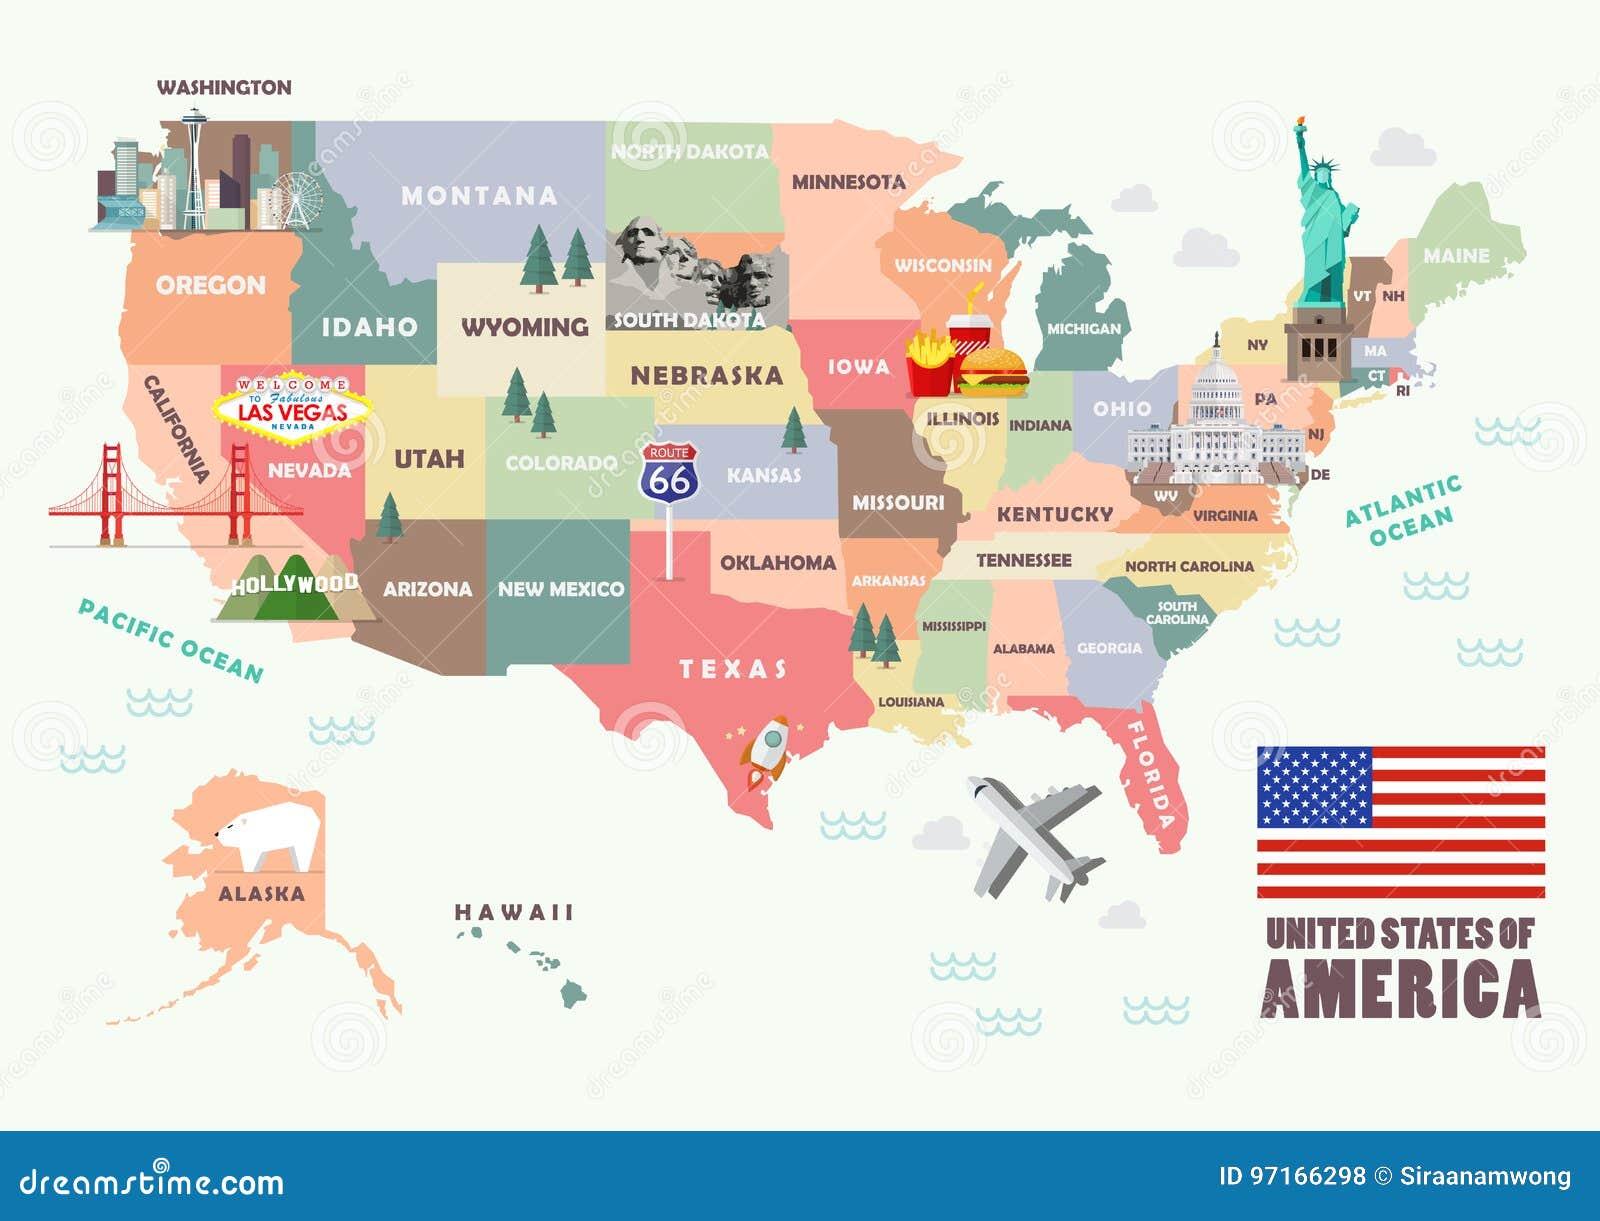 Amerika Karte Staaten.Karte Der Vereinigten Staaten Von Amerika Mit Beruhmten